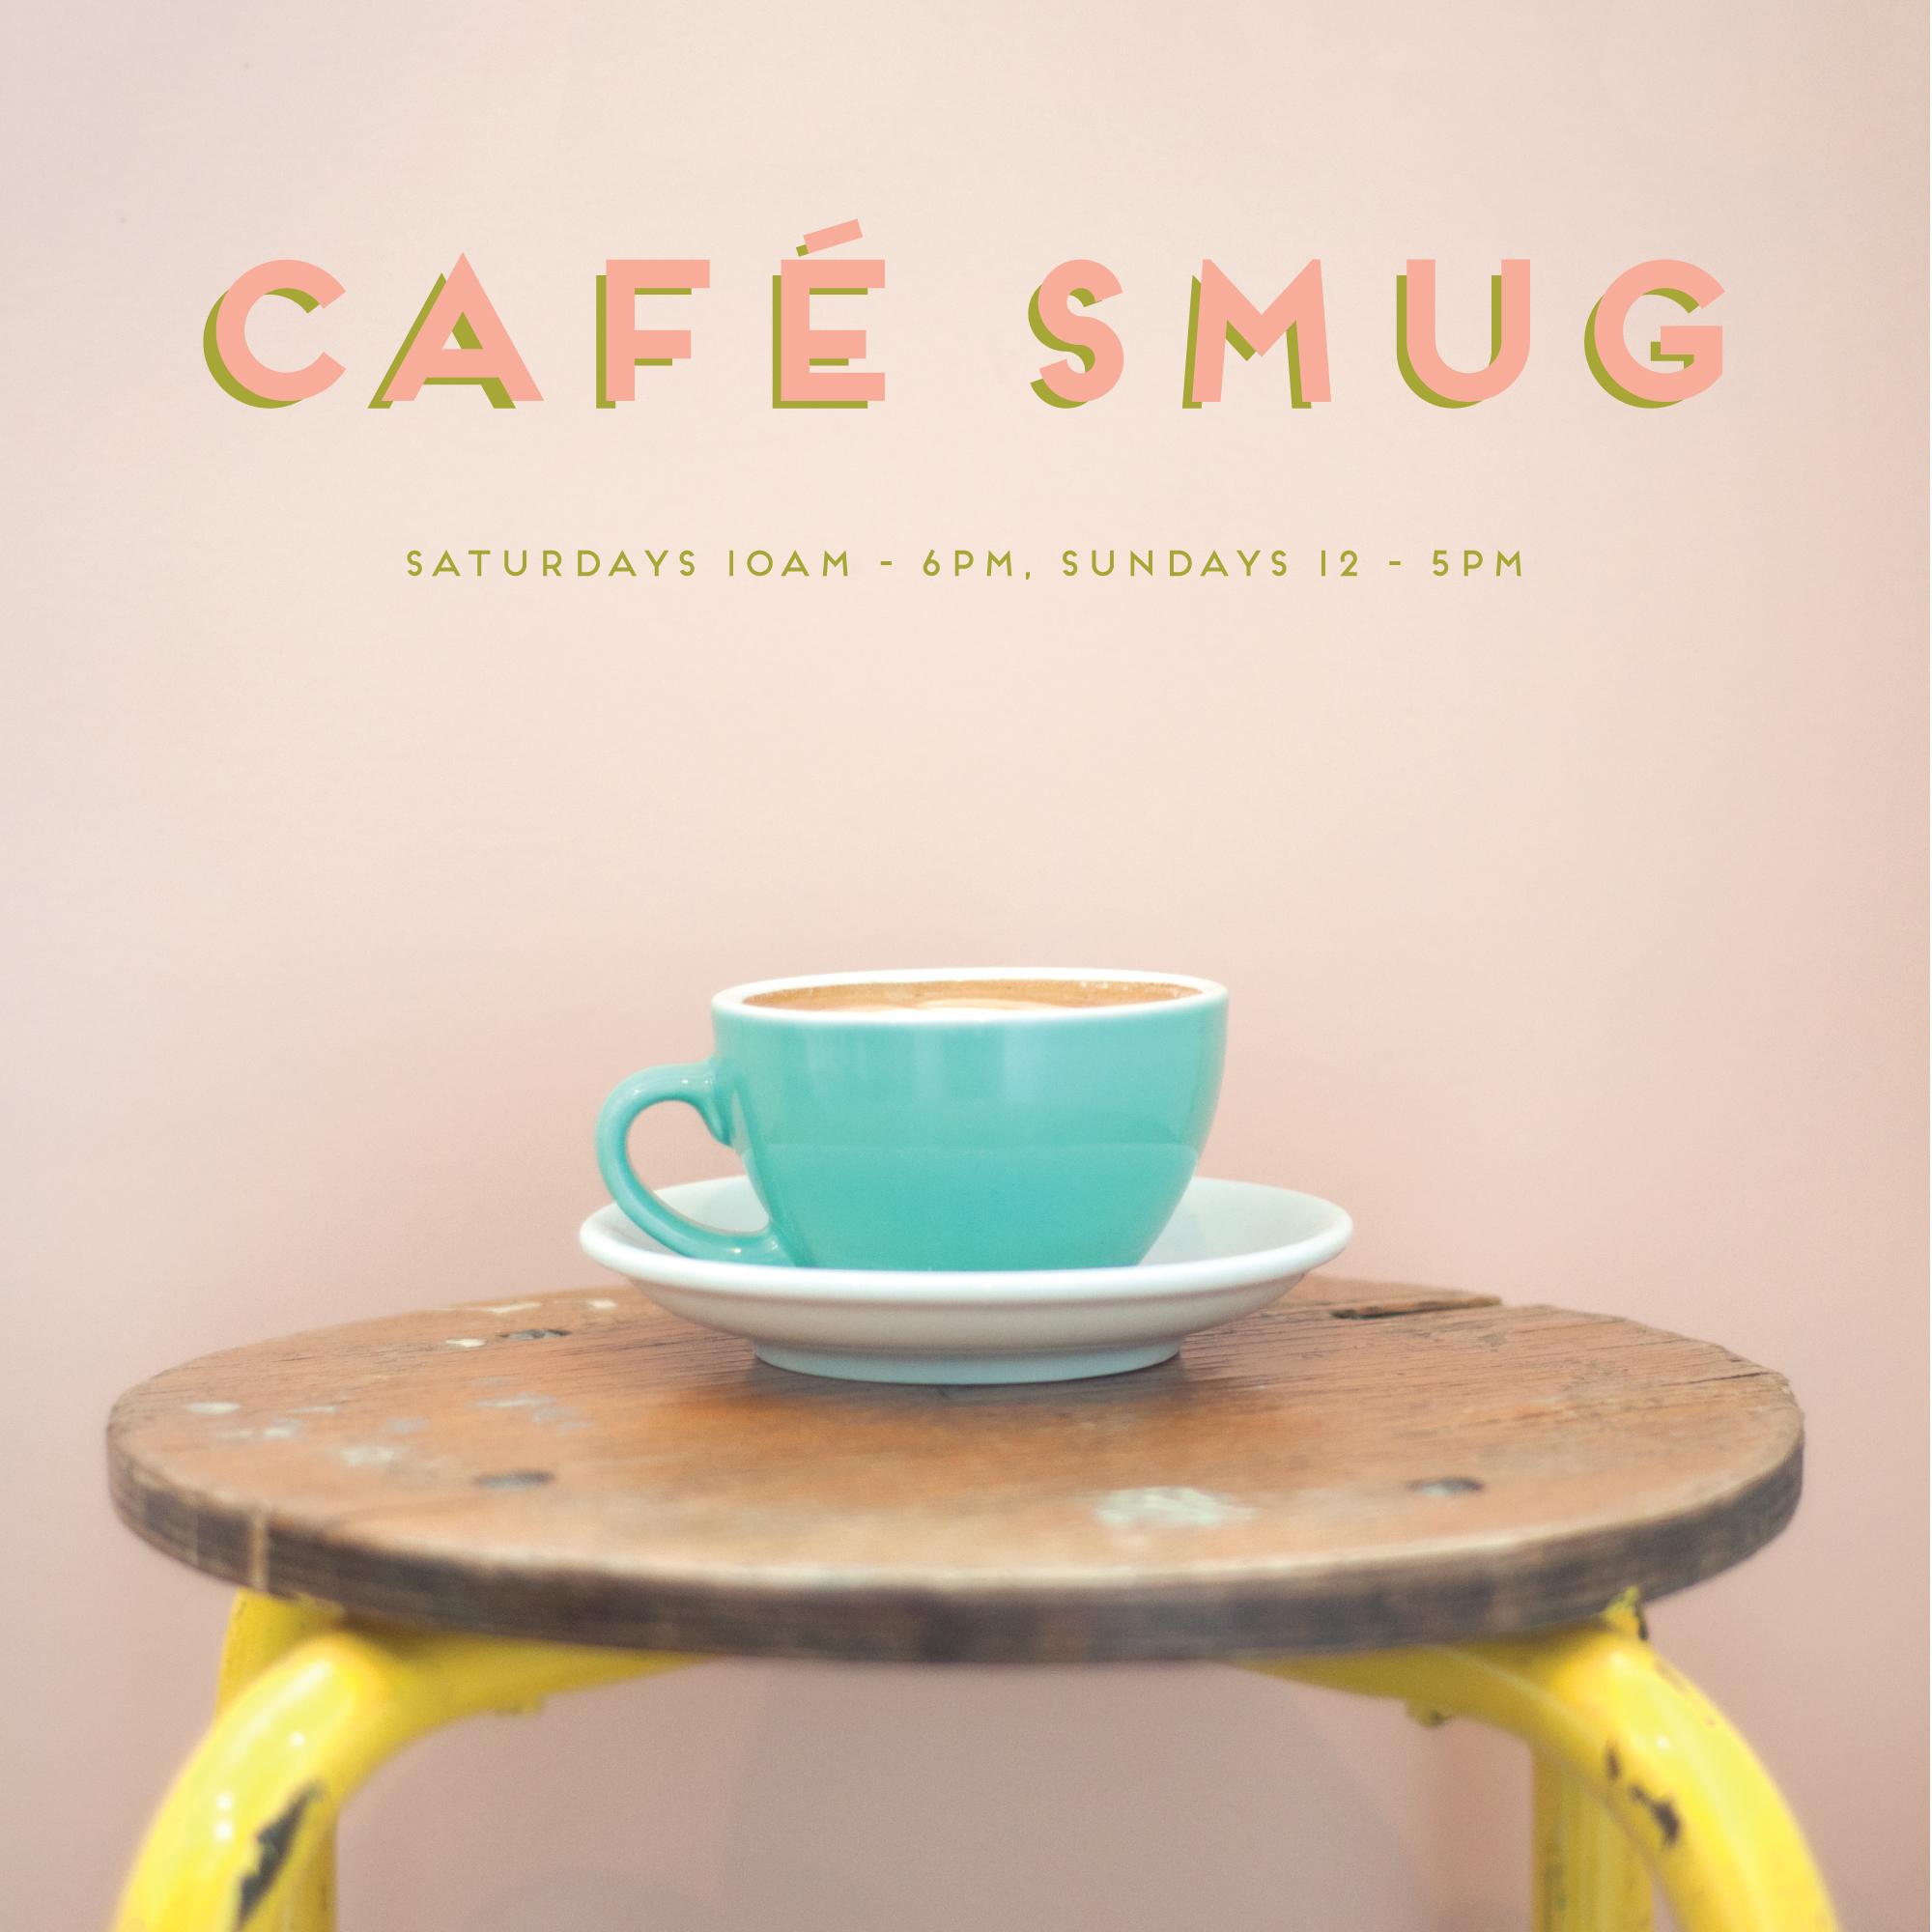 cappuccino-1-CAFE-SMUG.jpg